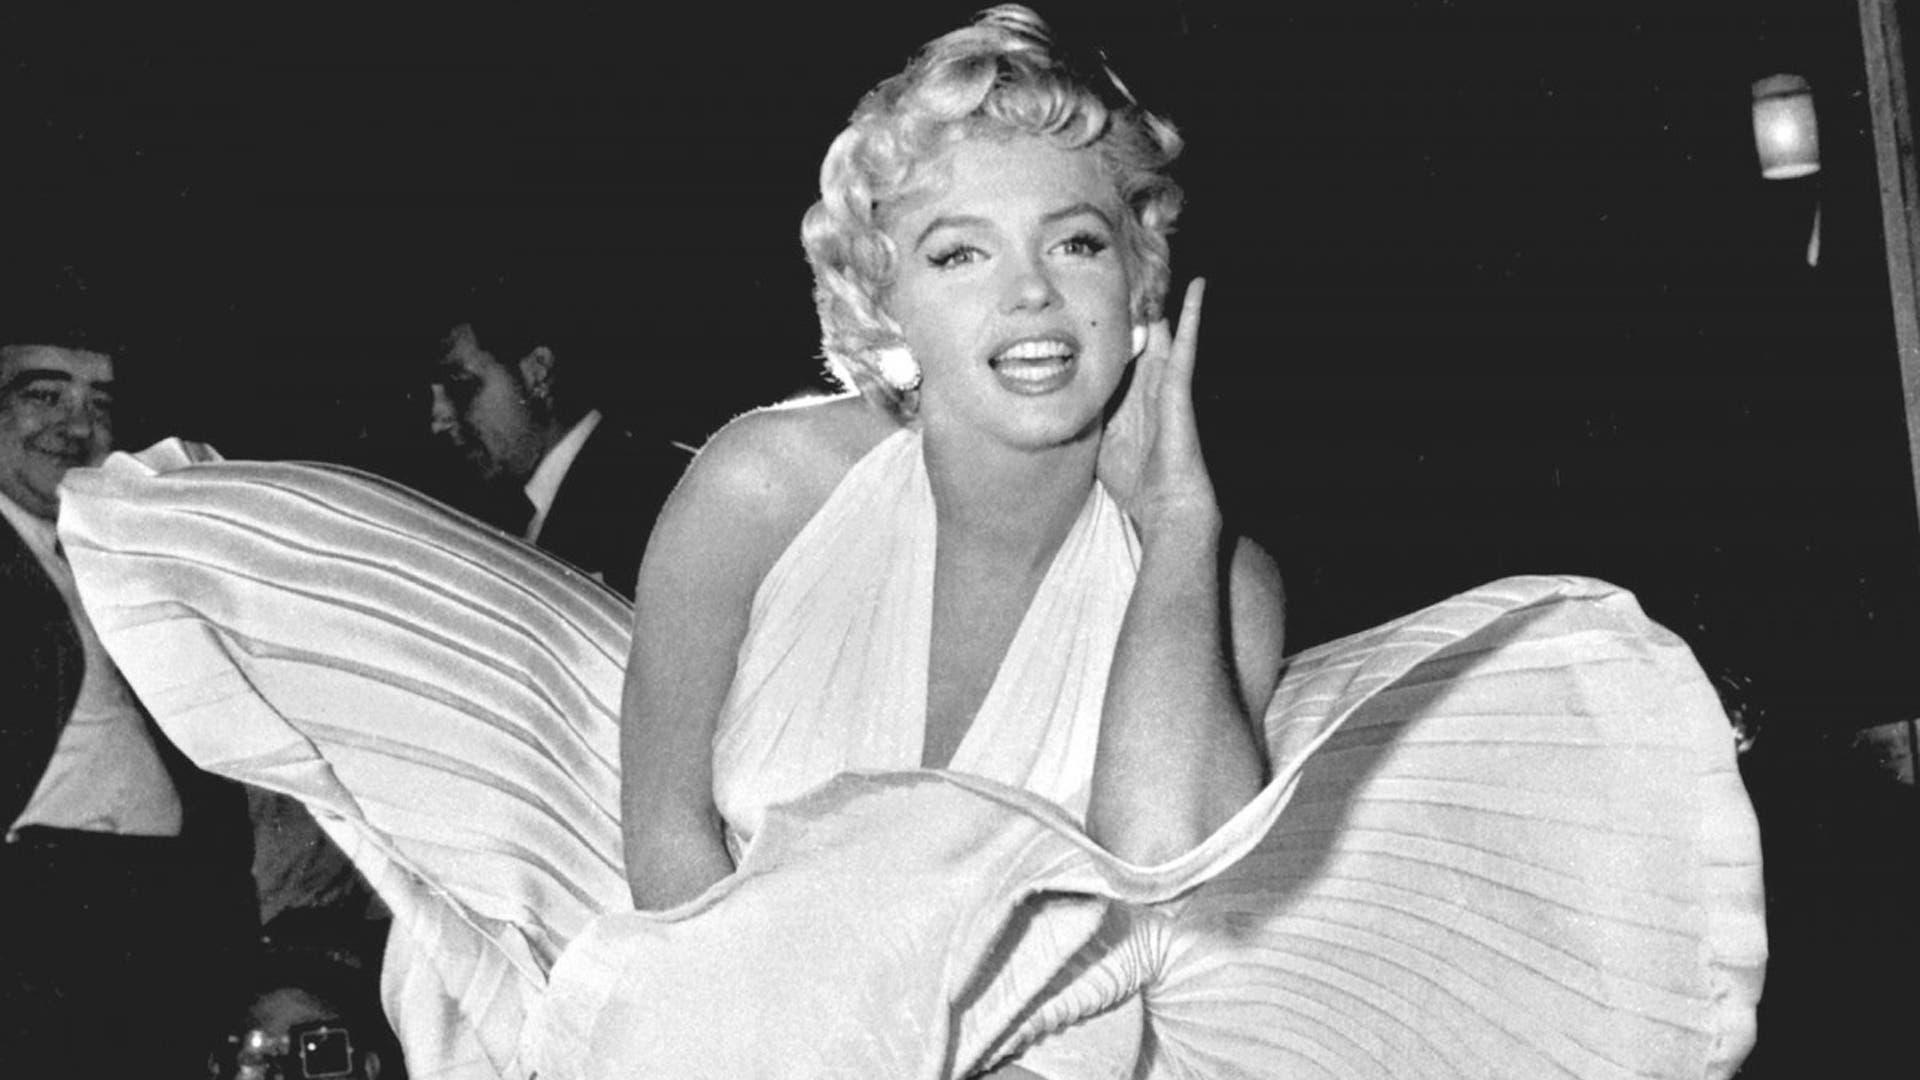 Las supuestas imágenes desaparecidas del cadáver desnudo de la actriz Marilyn Monroe